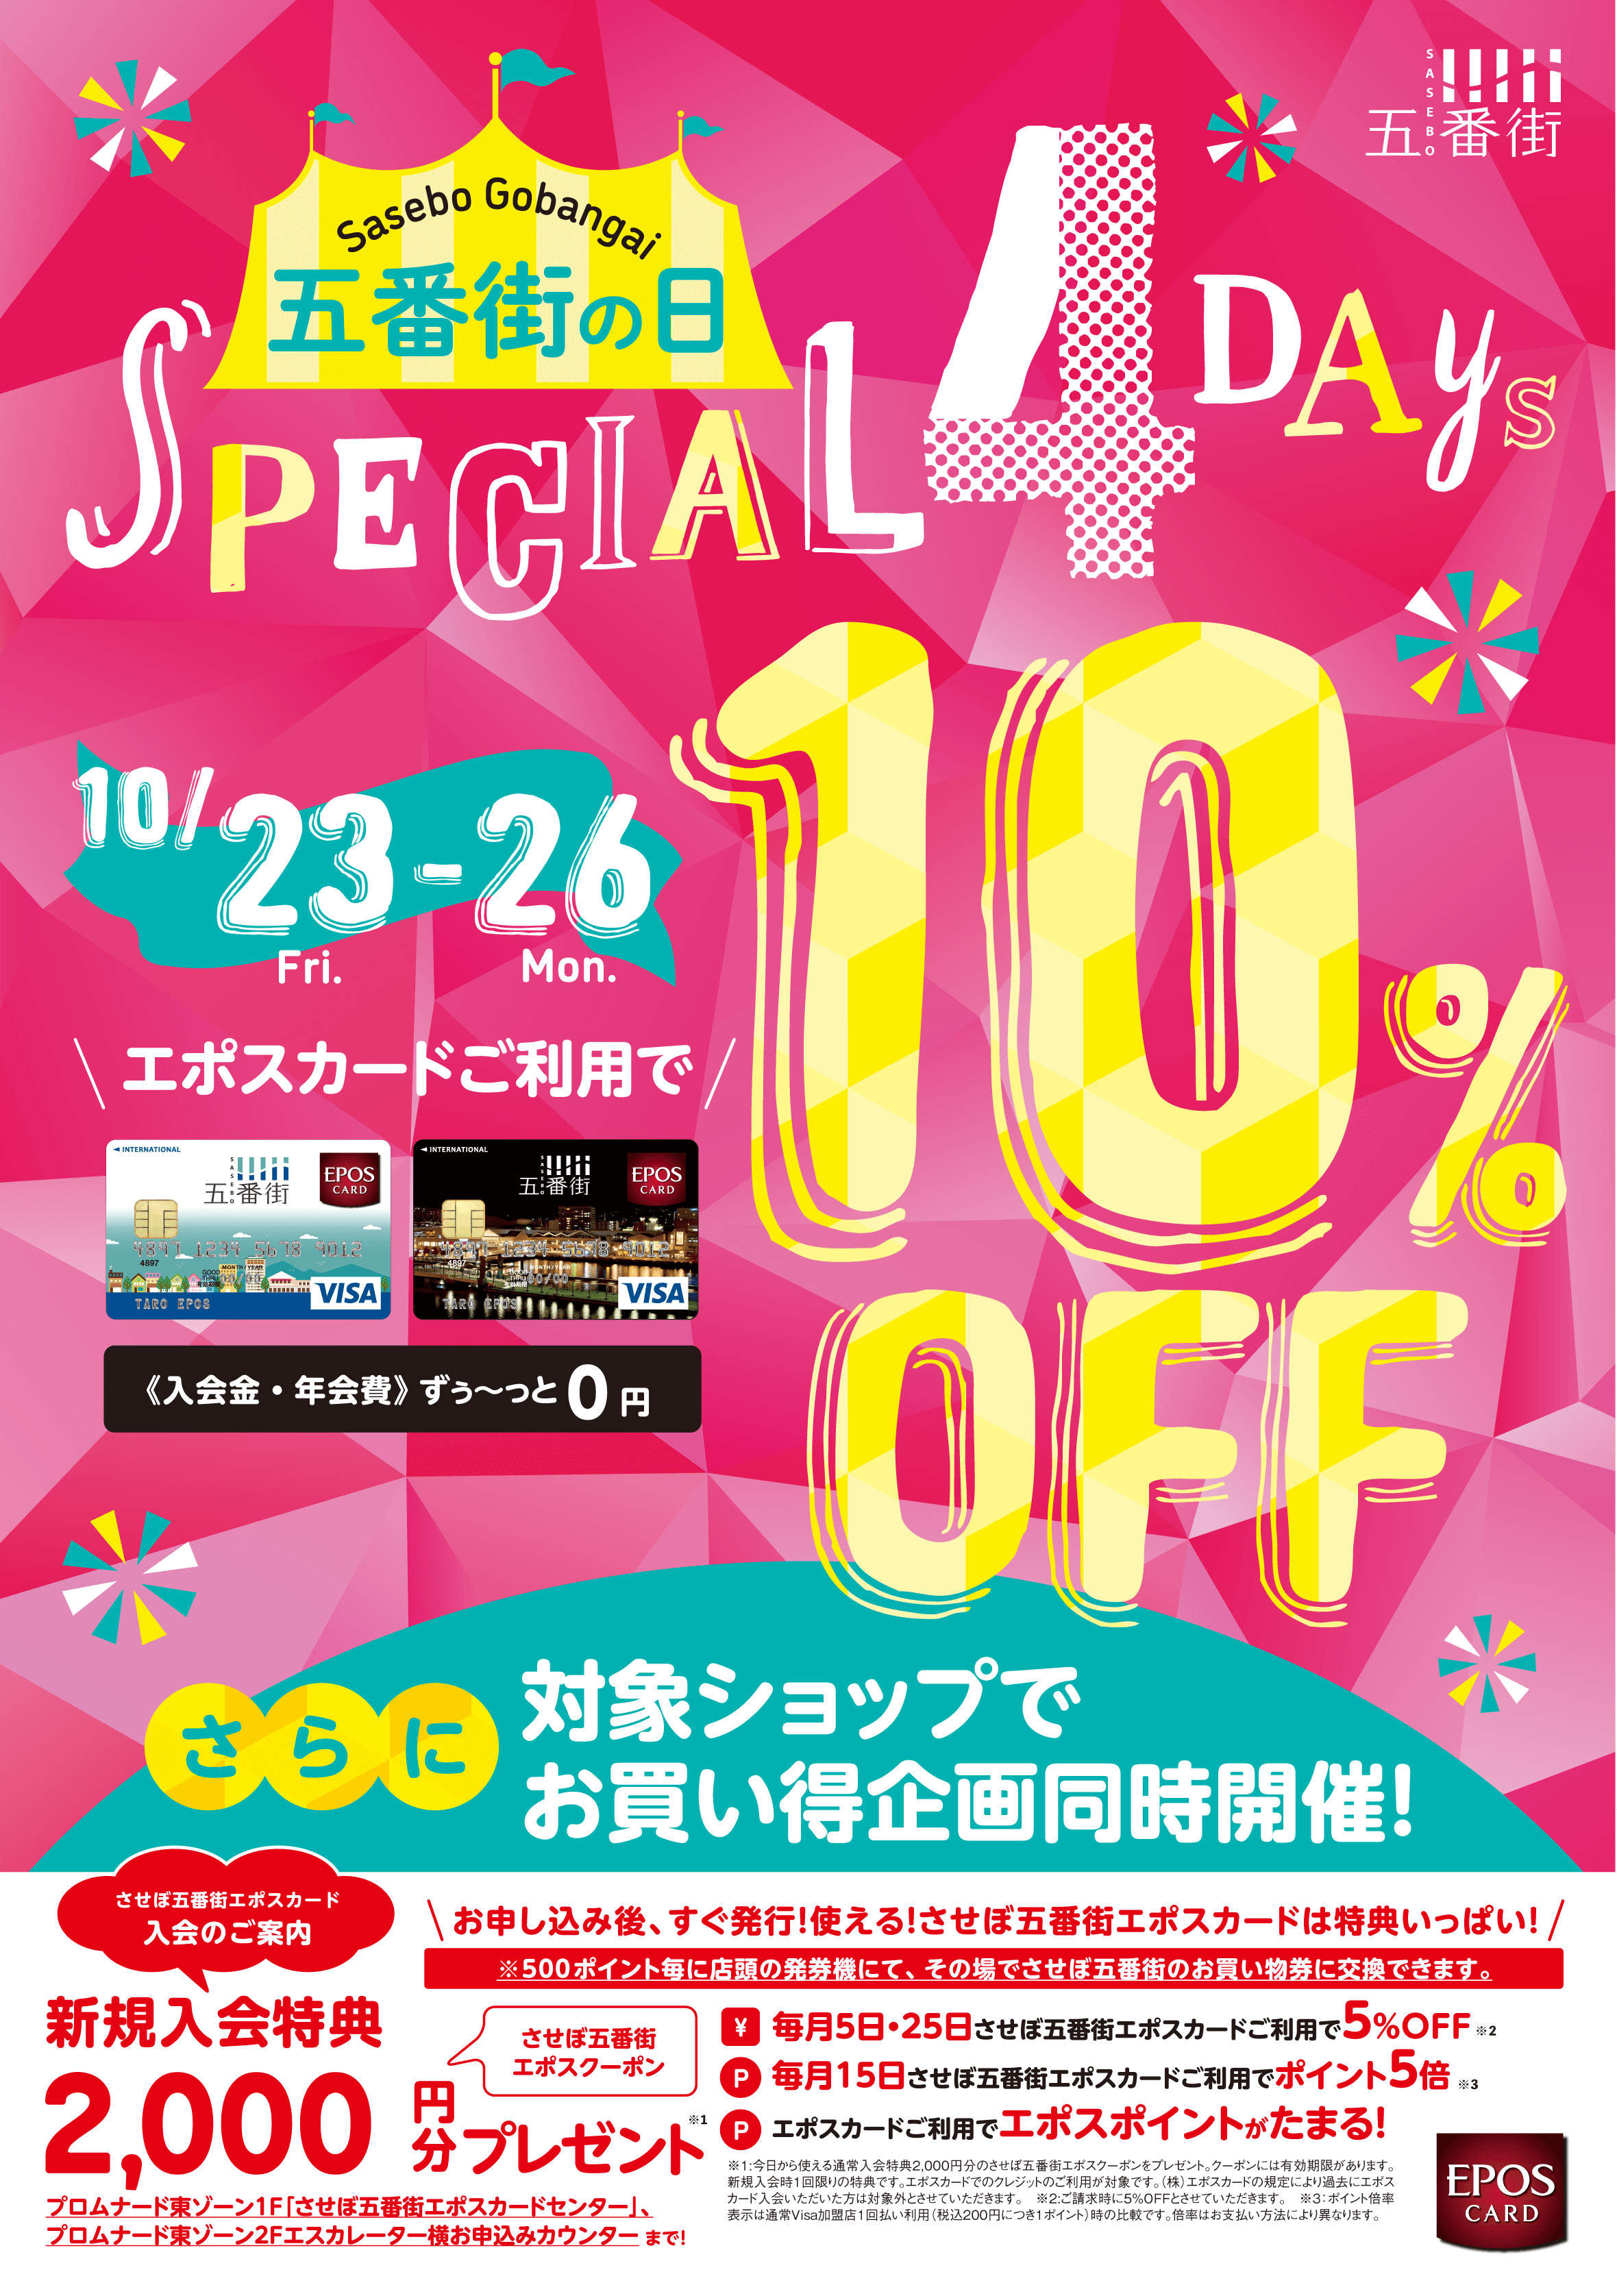 五番街の日 SPECIAL 4DAYS  10/23Fri.〜26Mon. エポスカードご利用で10%OFF  さらに 対象ショップでお買い得企画同時開催!